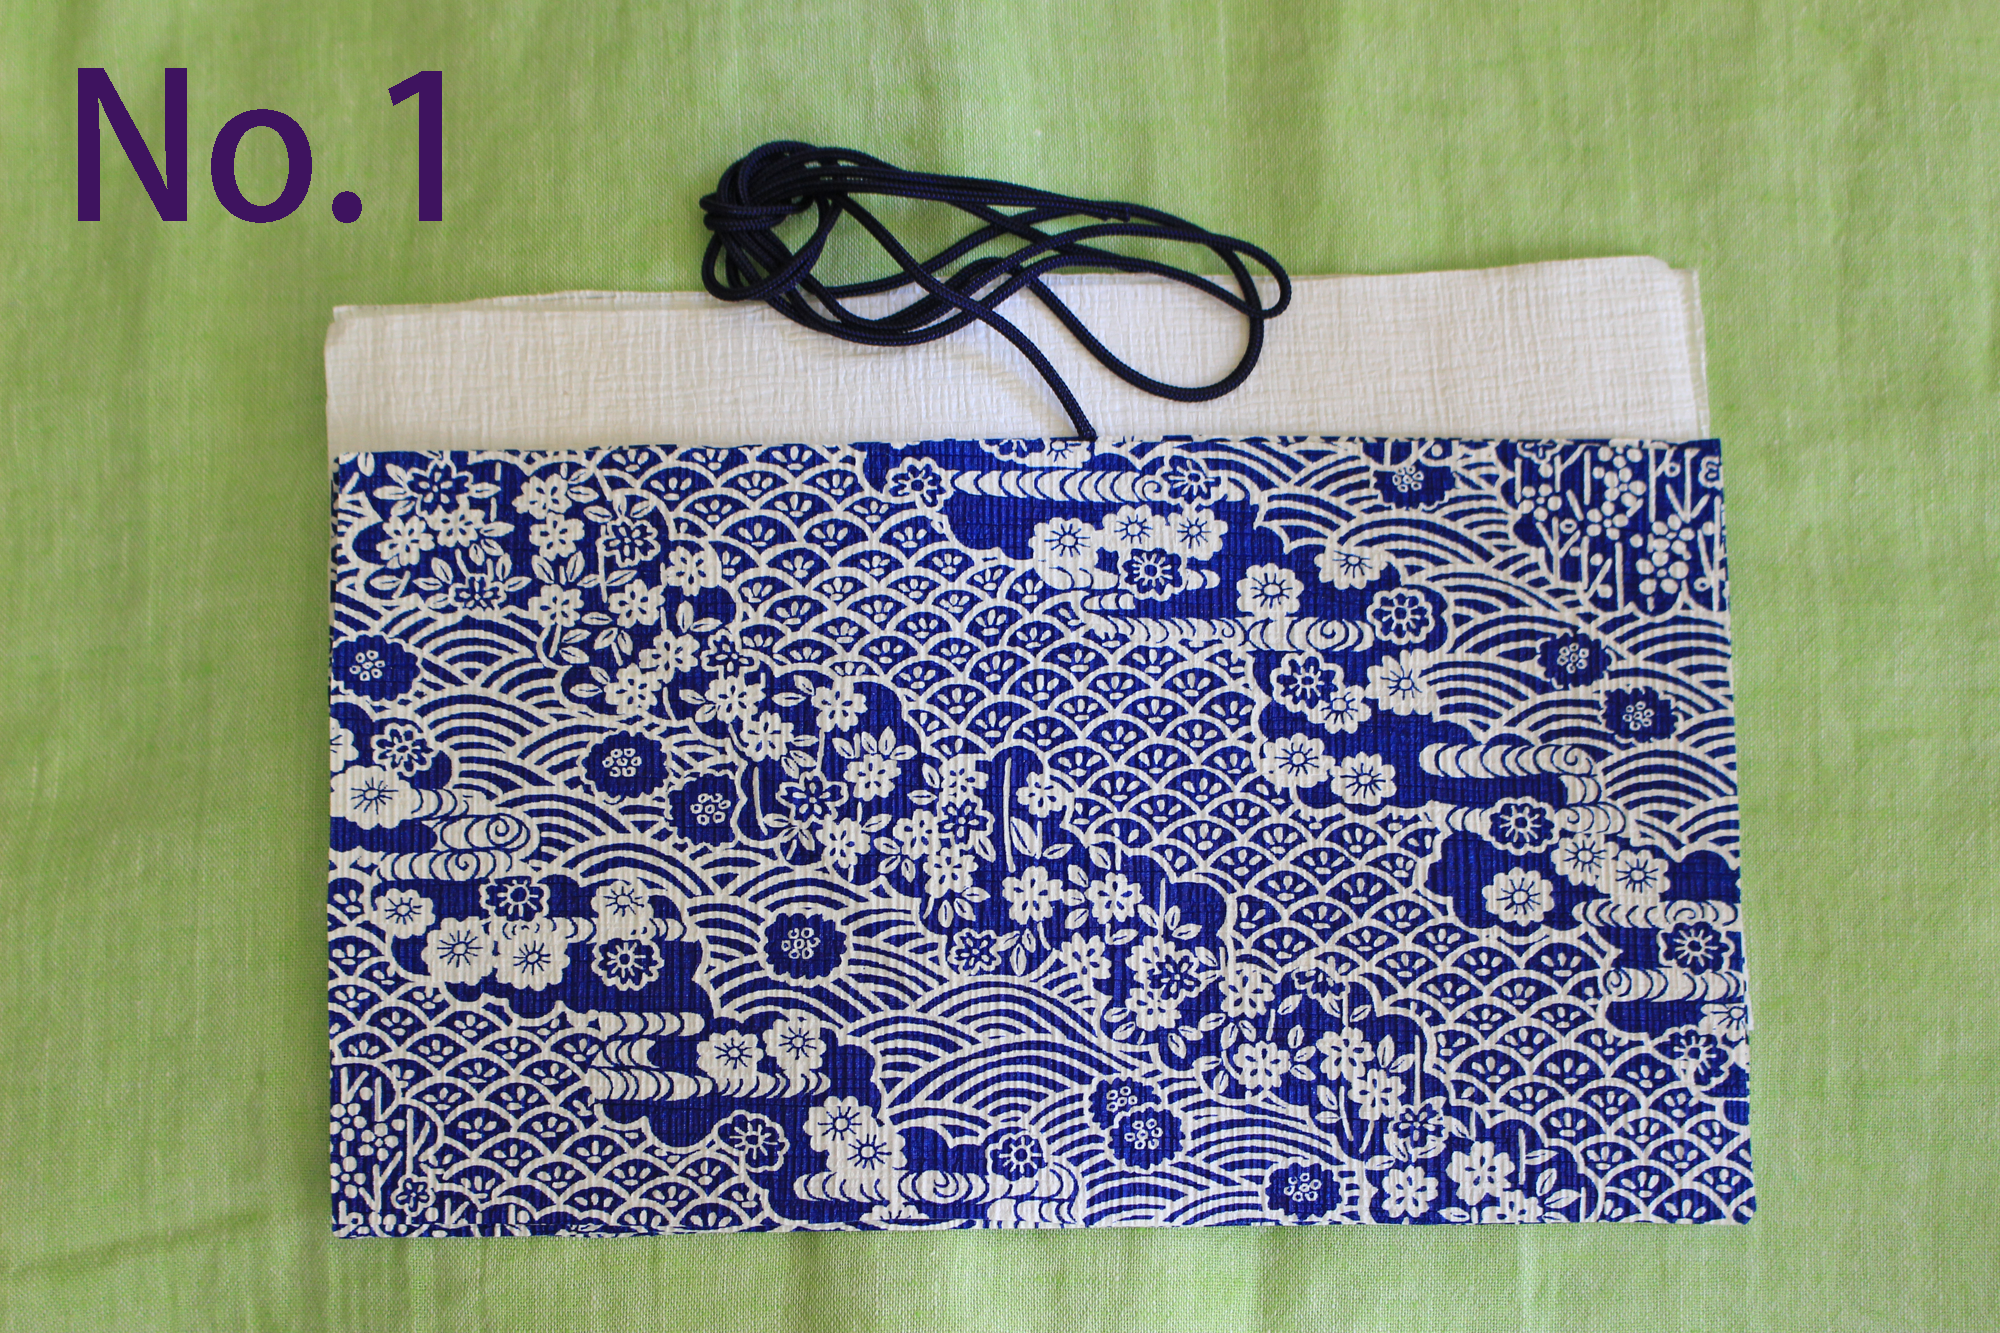 【オンラインワークショップ】初めての人でも作れる和紙の縫わないミニ巾着袋